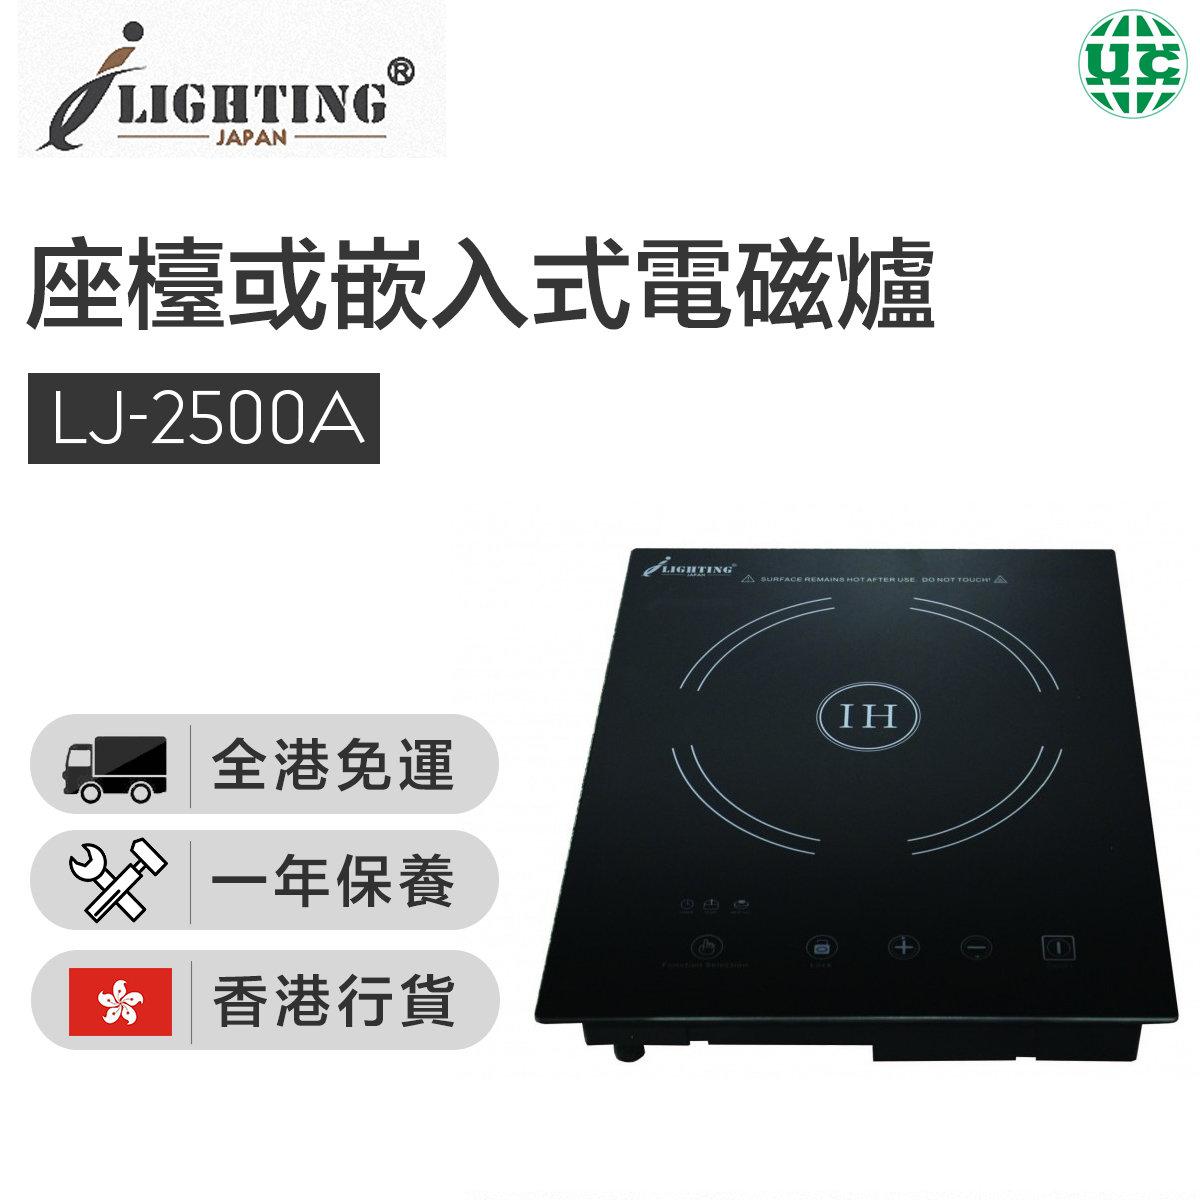 LJ-2500A Pedestal or embedded induction cooker(Hong Kong licensed)